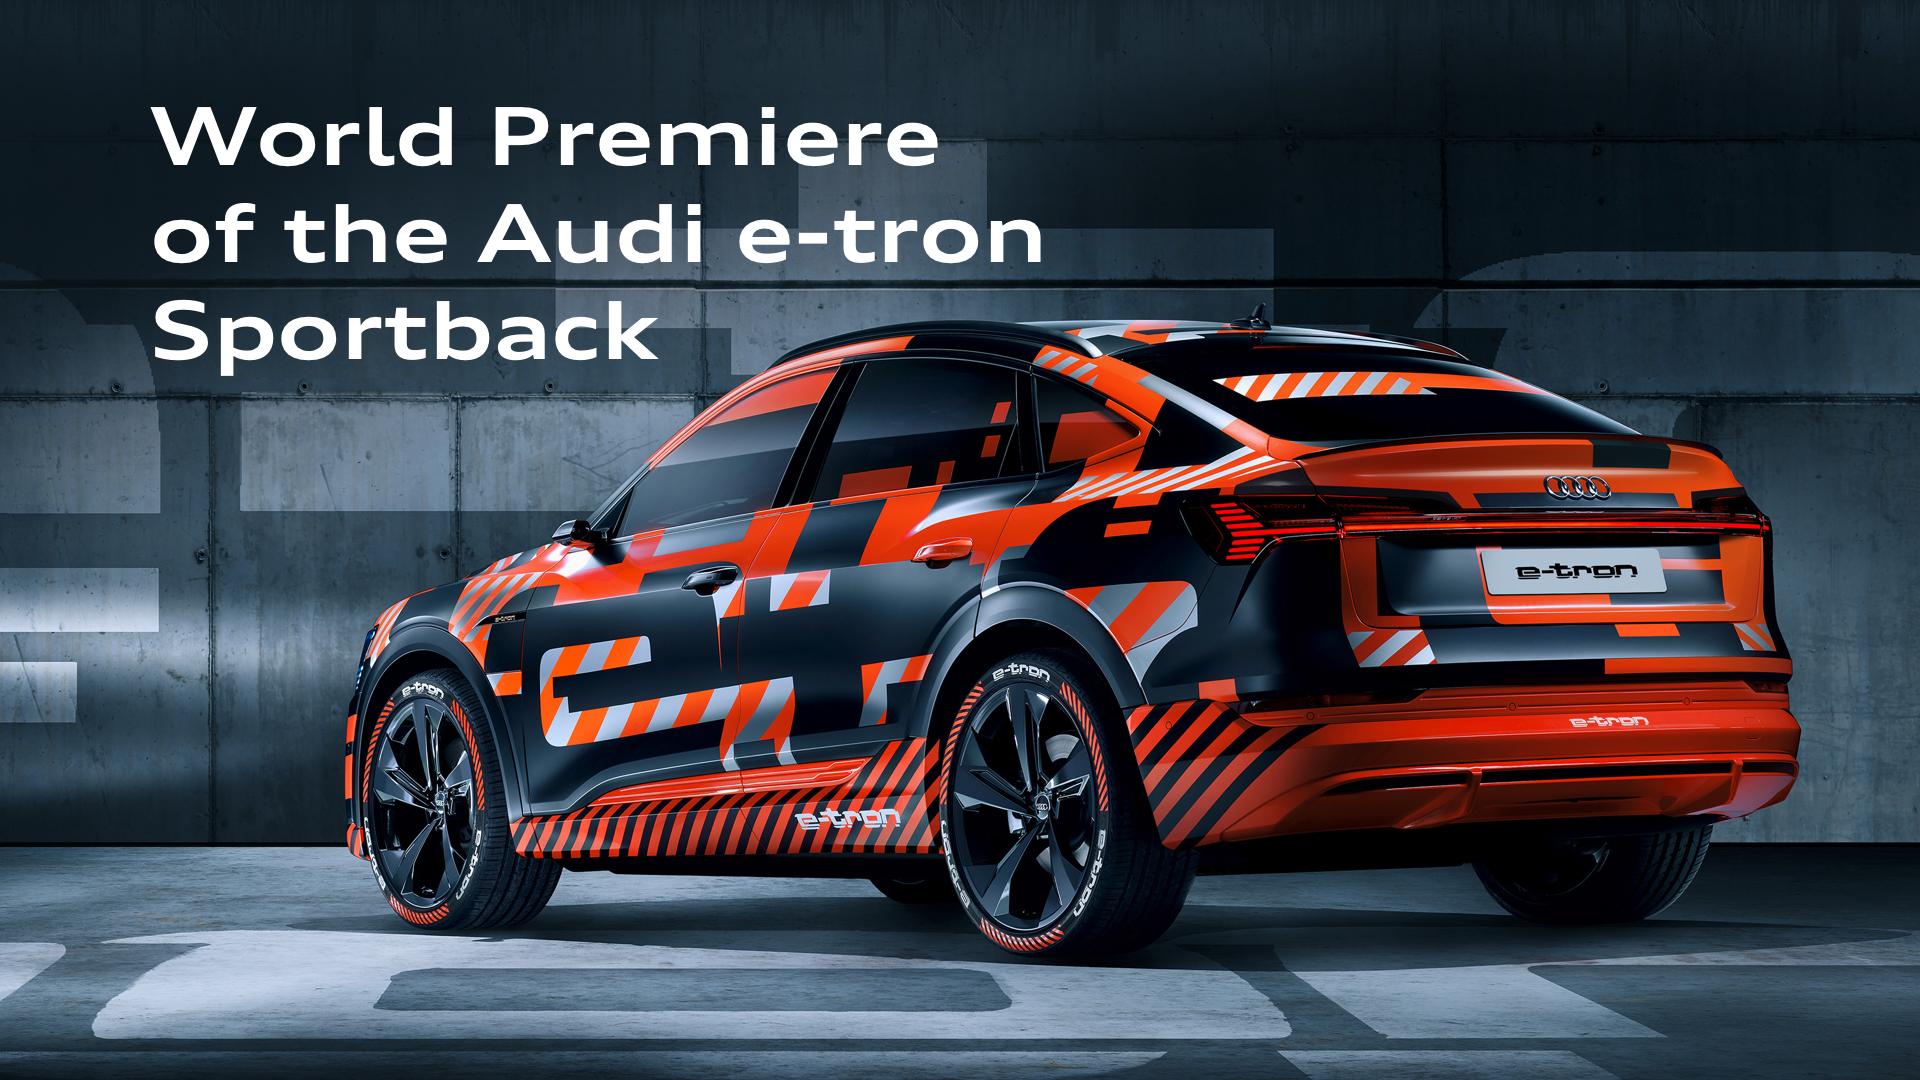 World premiere of the Audi e-tron Sportback